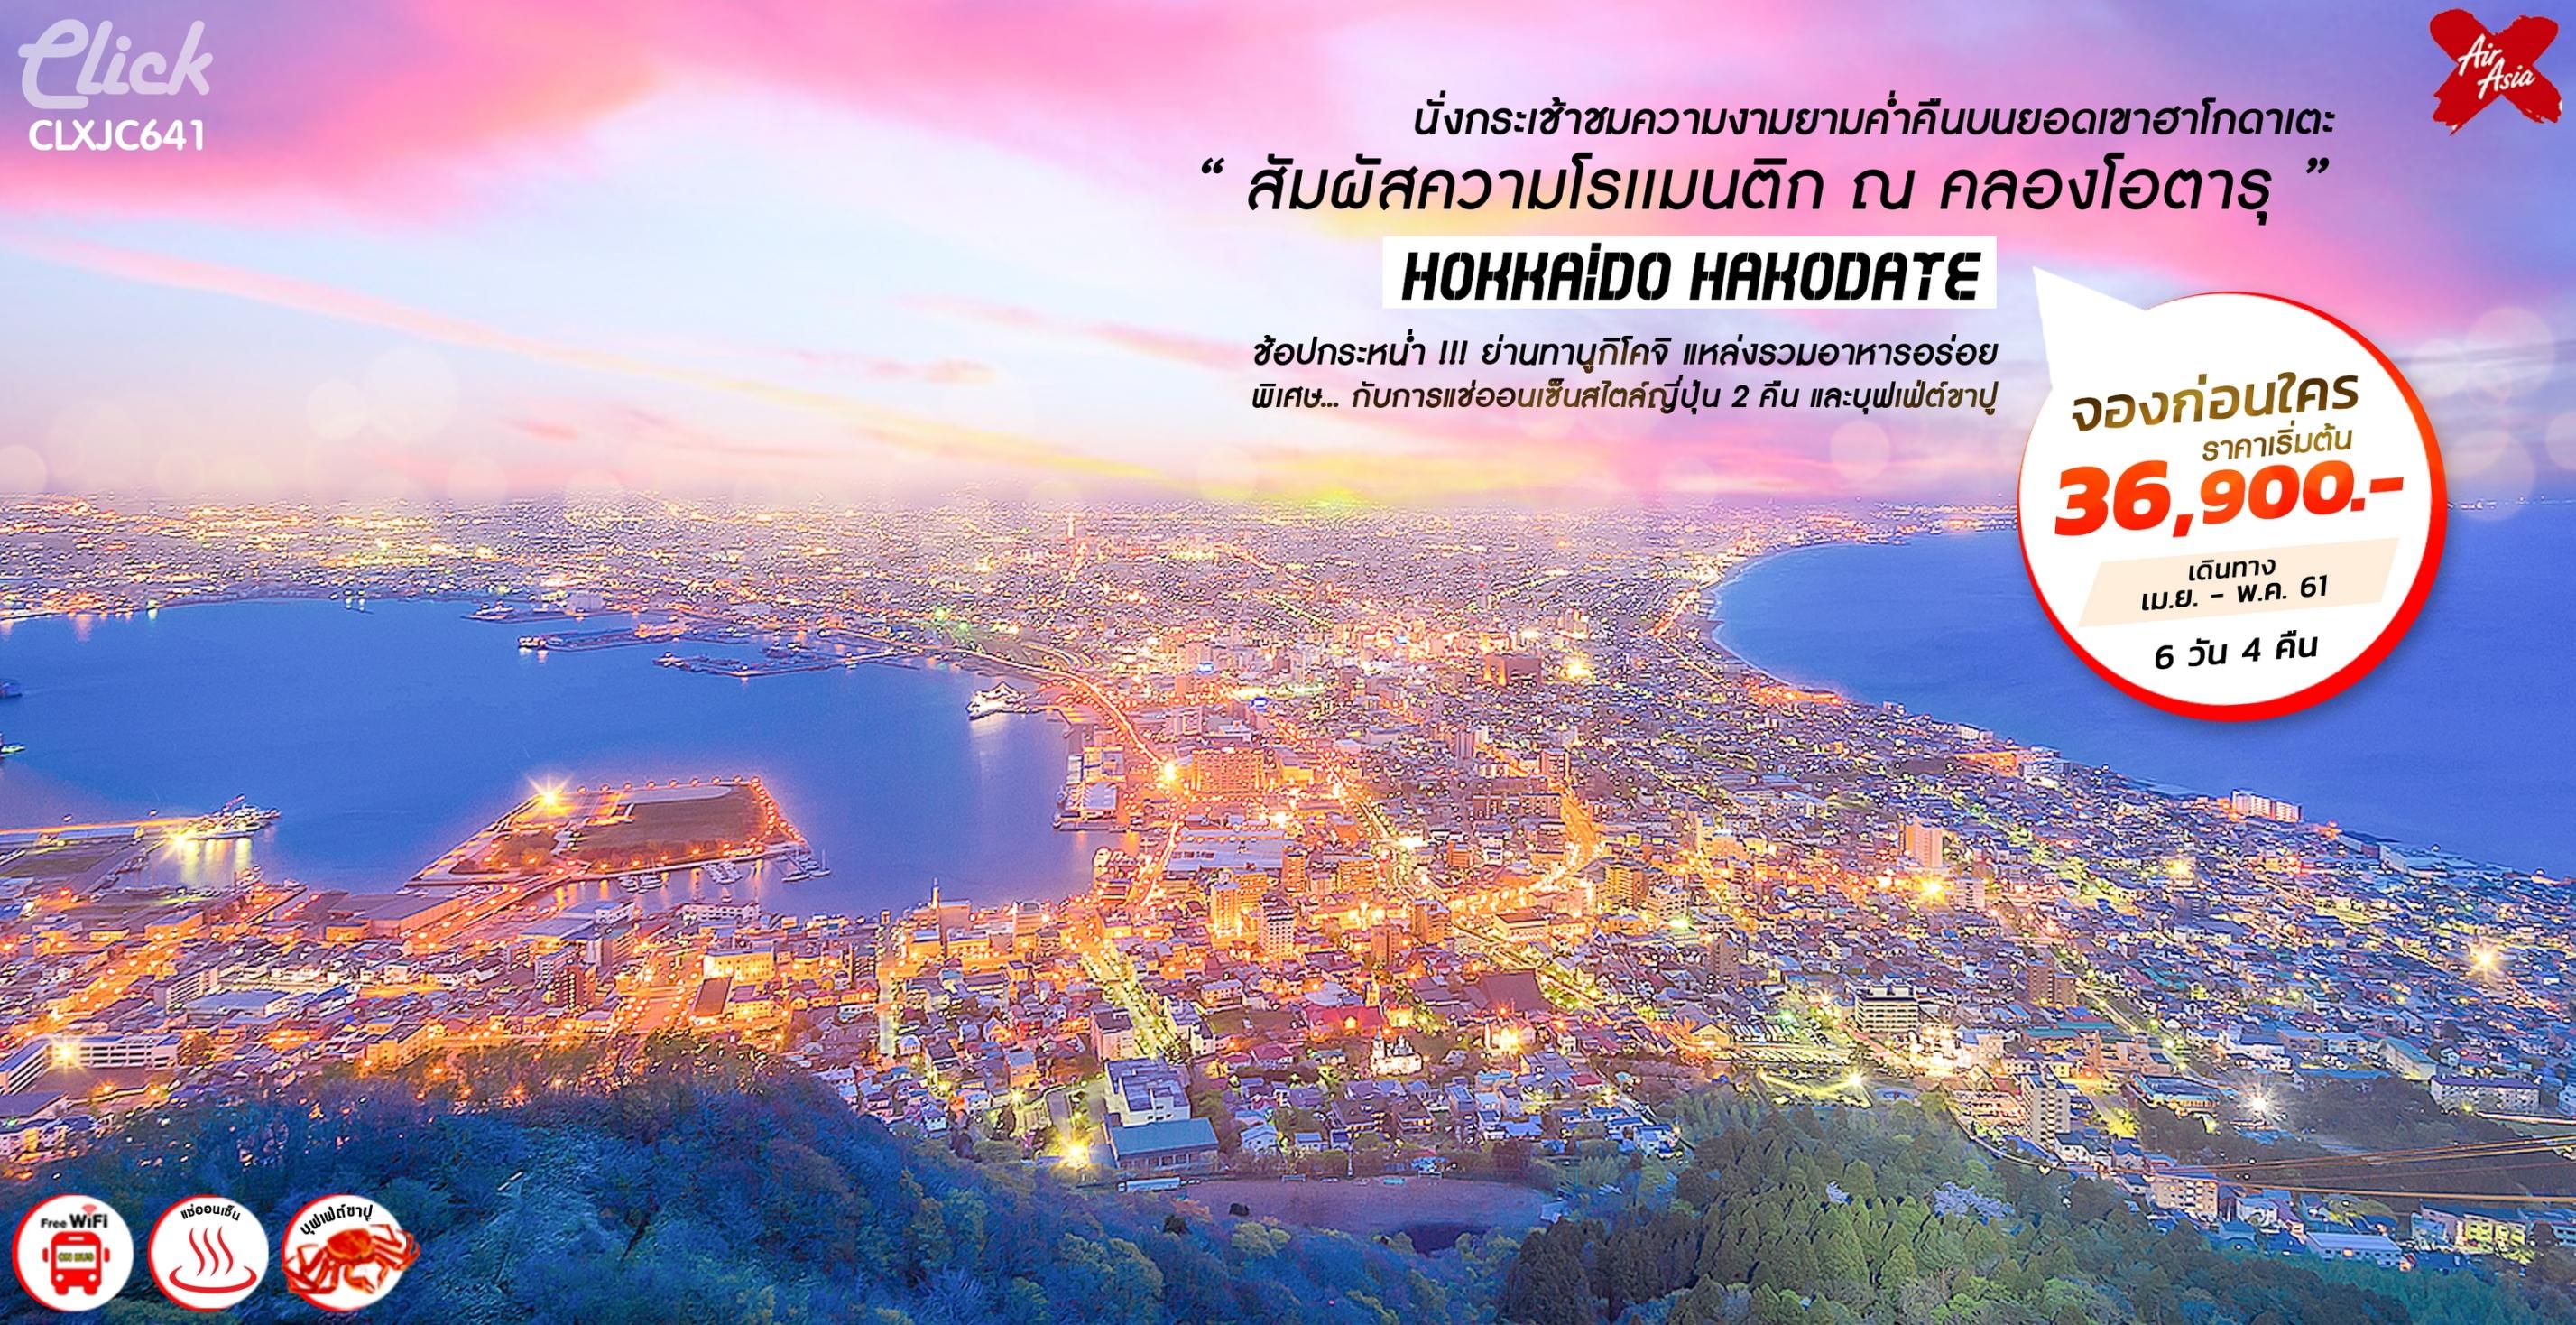 ทัวร์ญี่ปุ่น ฮอกไกโด ฮาโกะดาเตะ 6วัน4คืน (XJ)